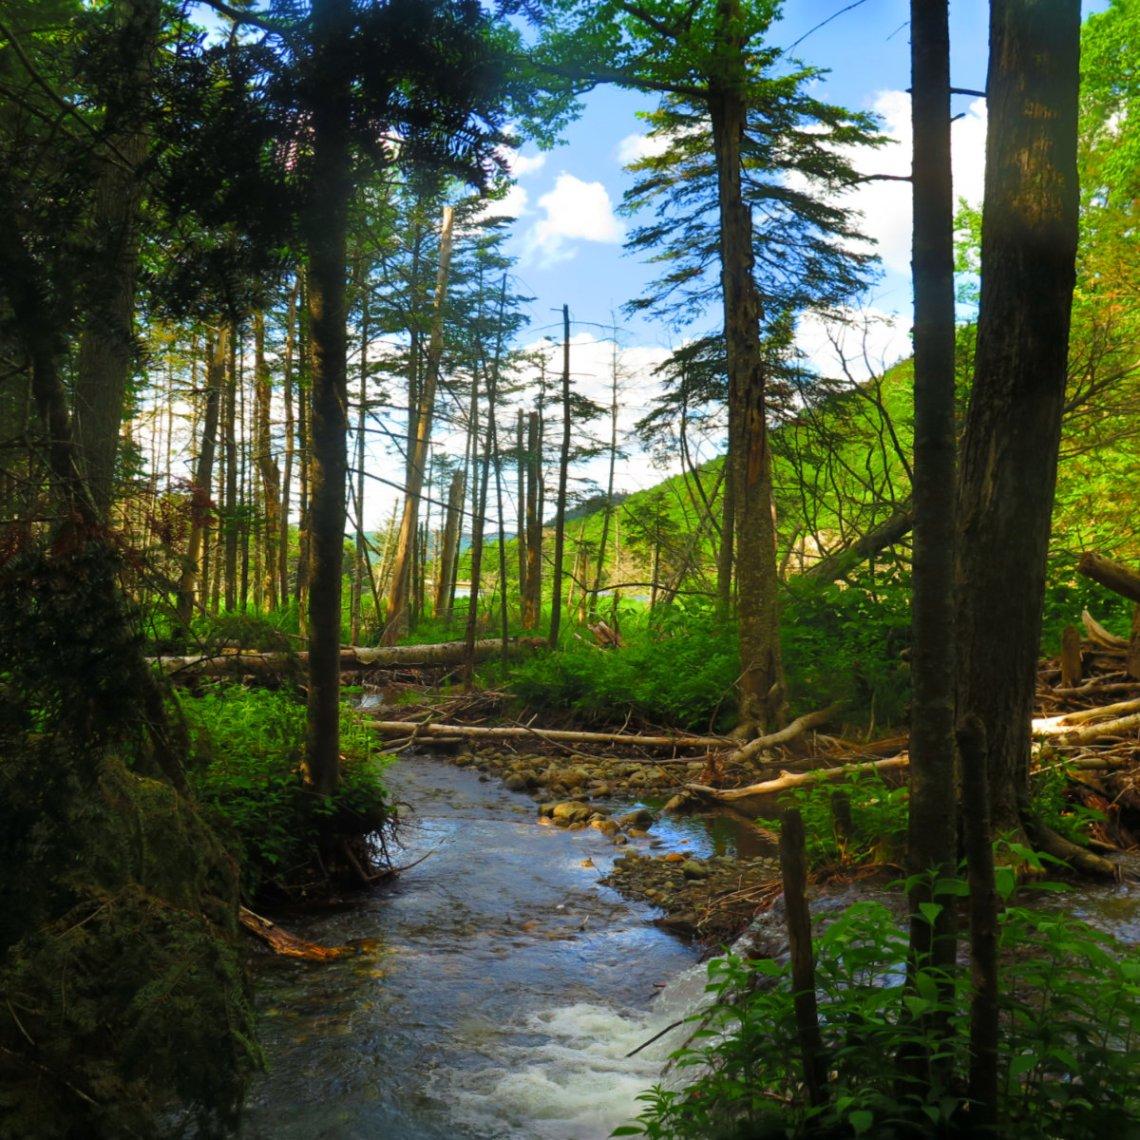 Moosilauke-Beaver-Brook-Pond-20190627